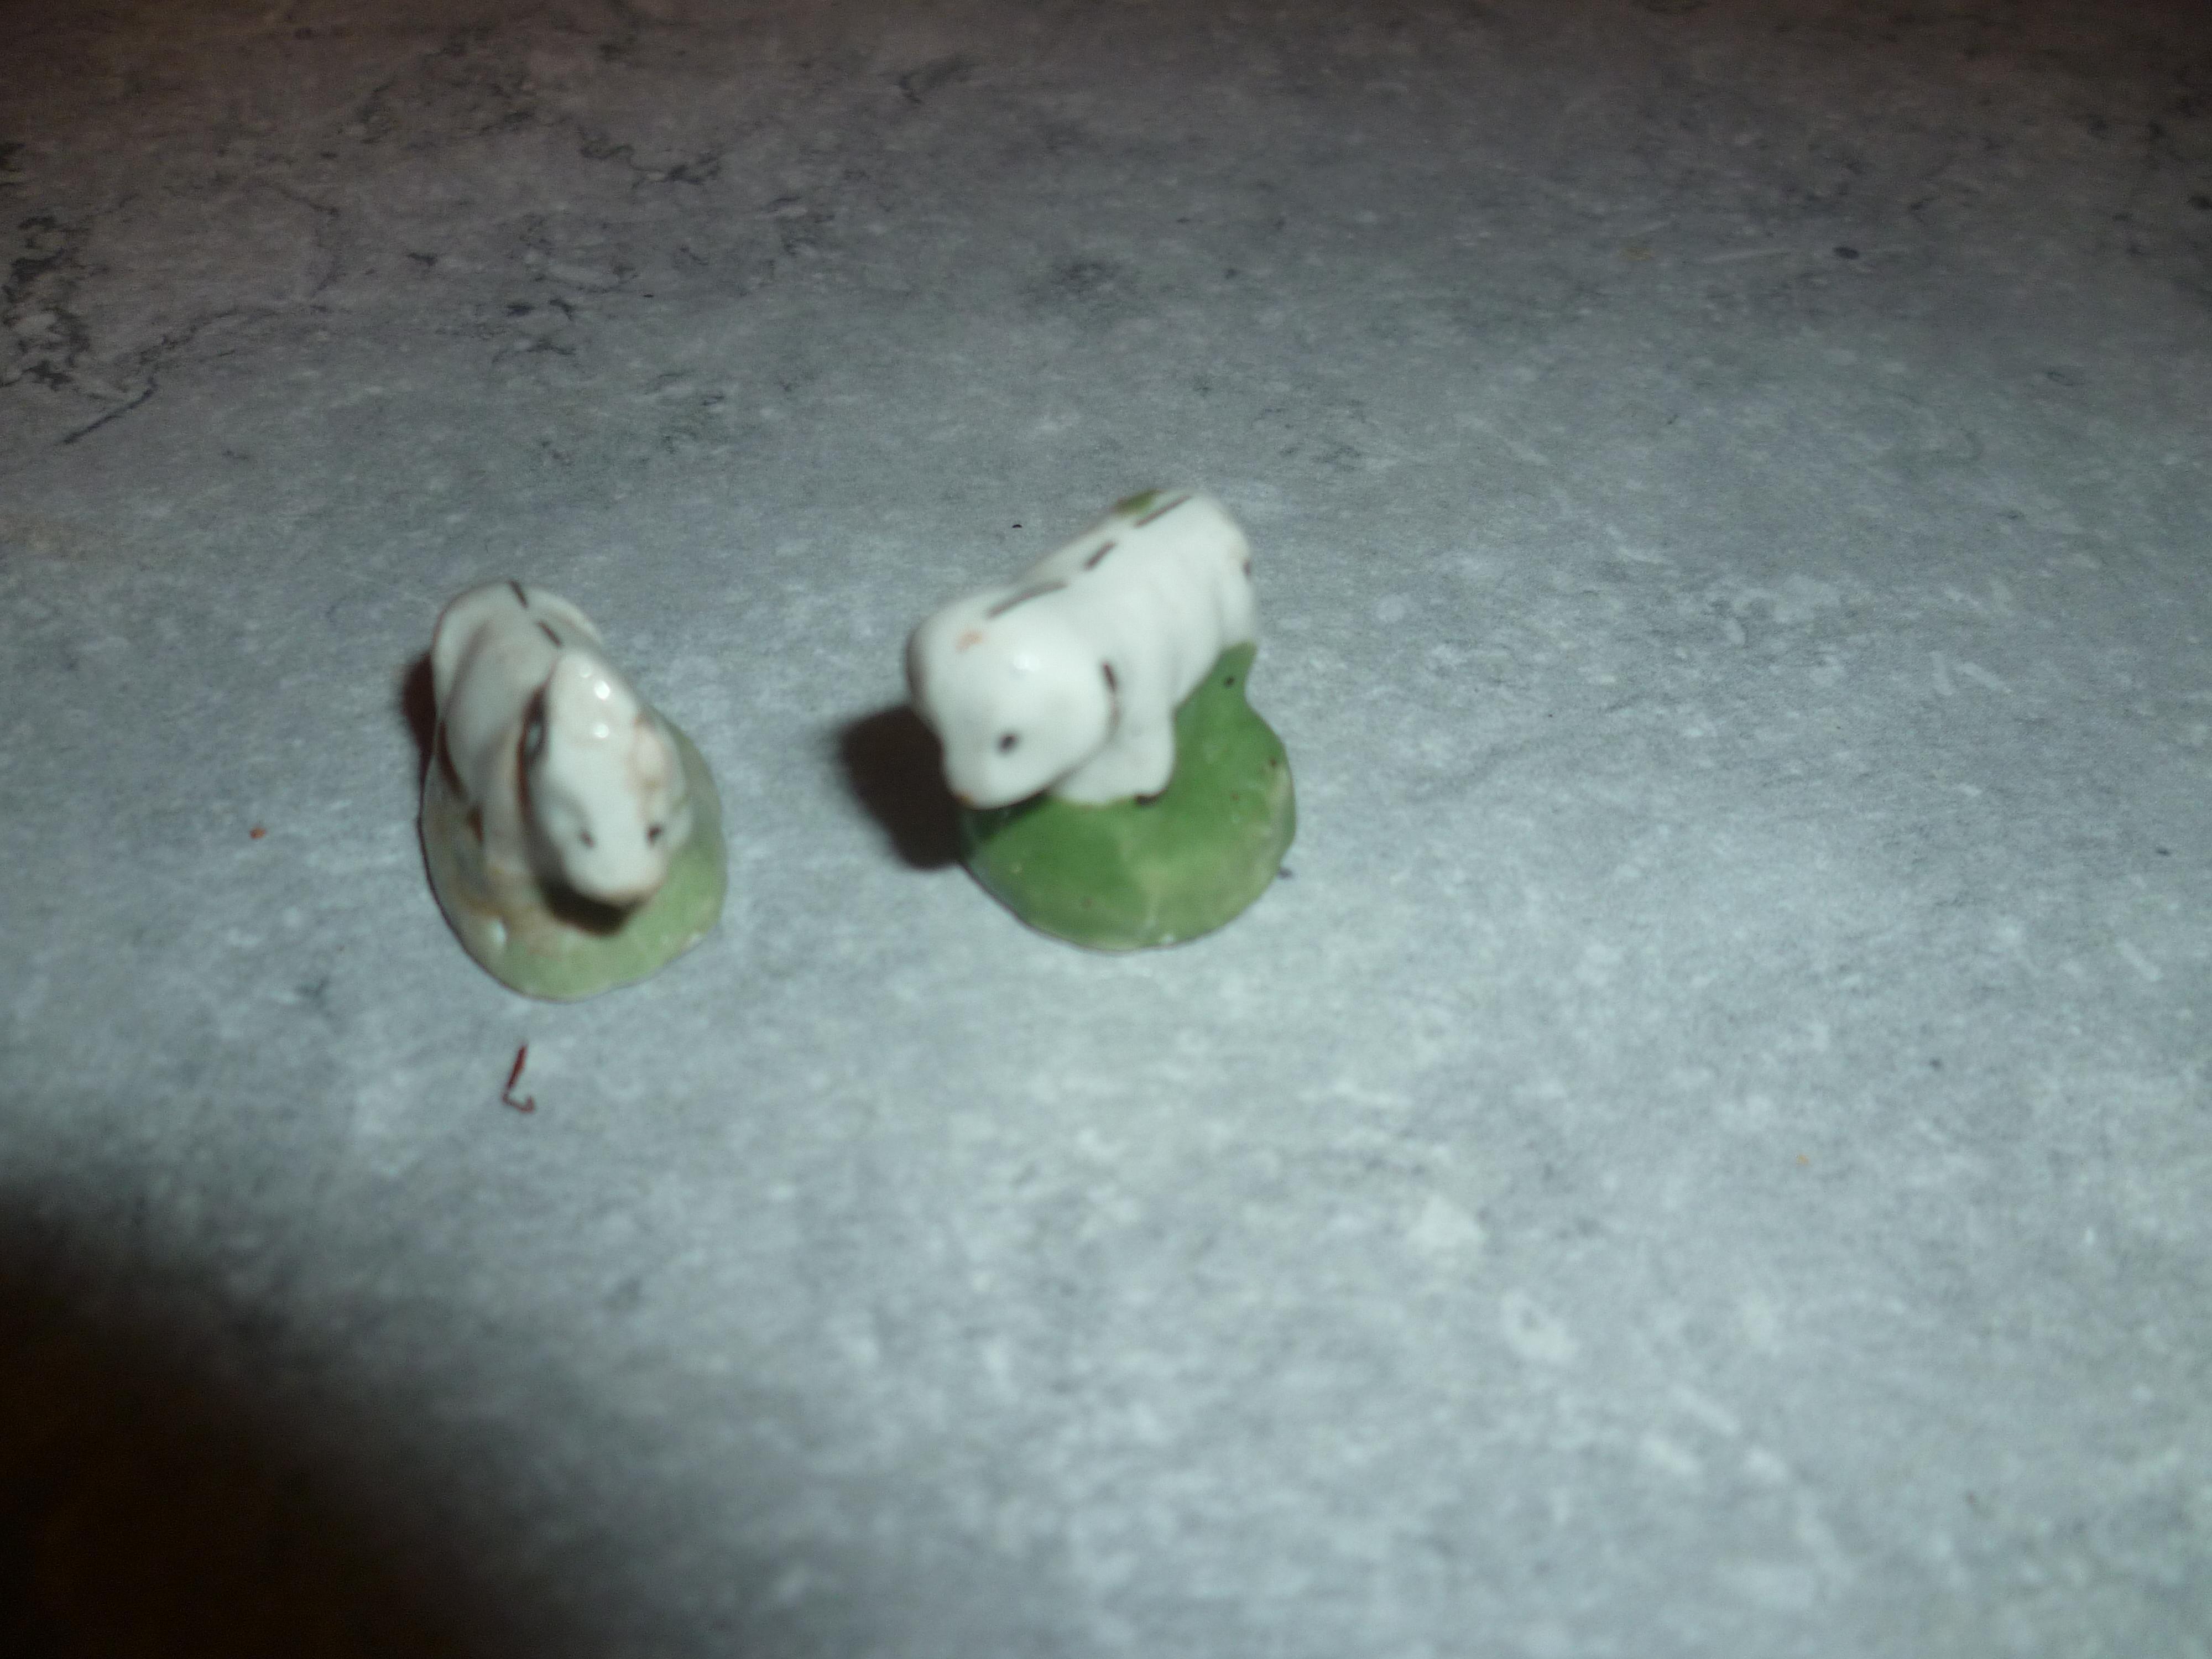 troc de troc fèves 2 moutons image 0